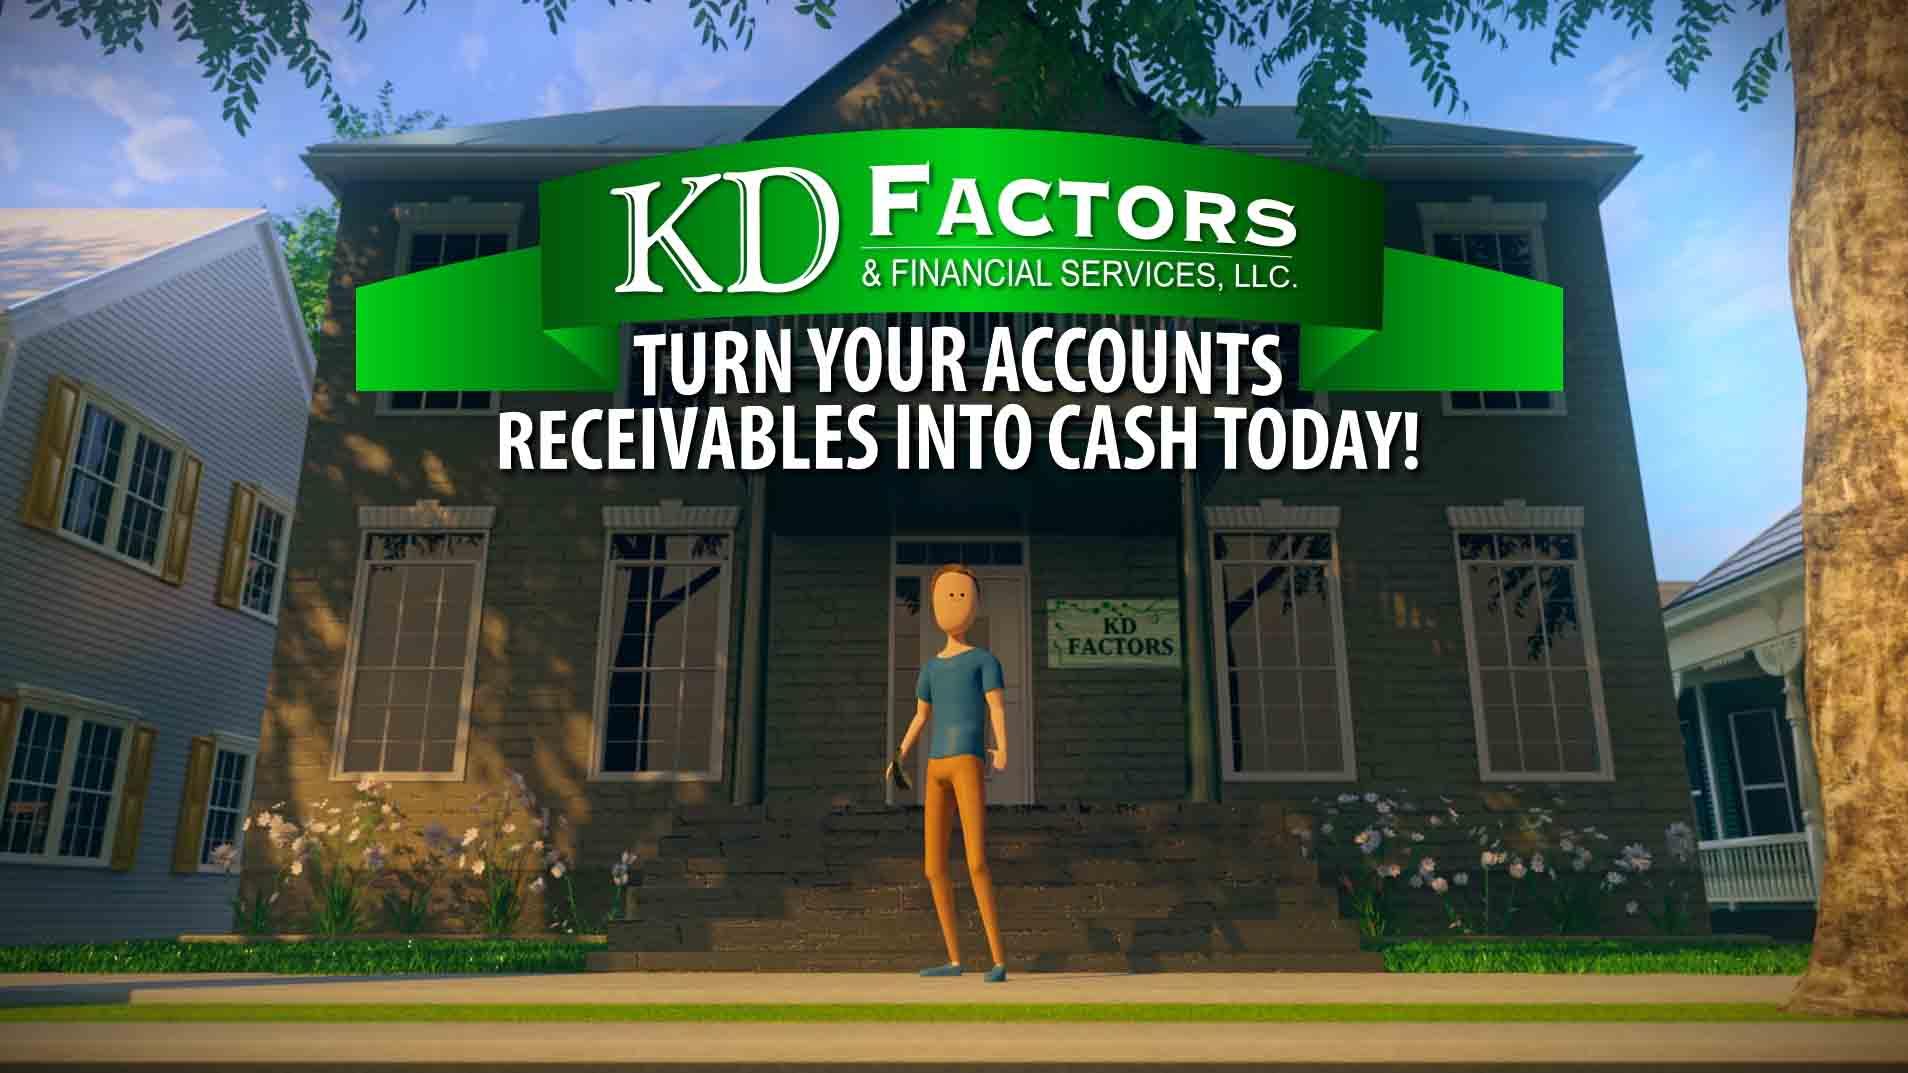 KDFactors